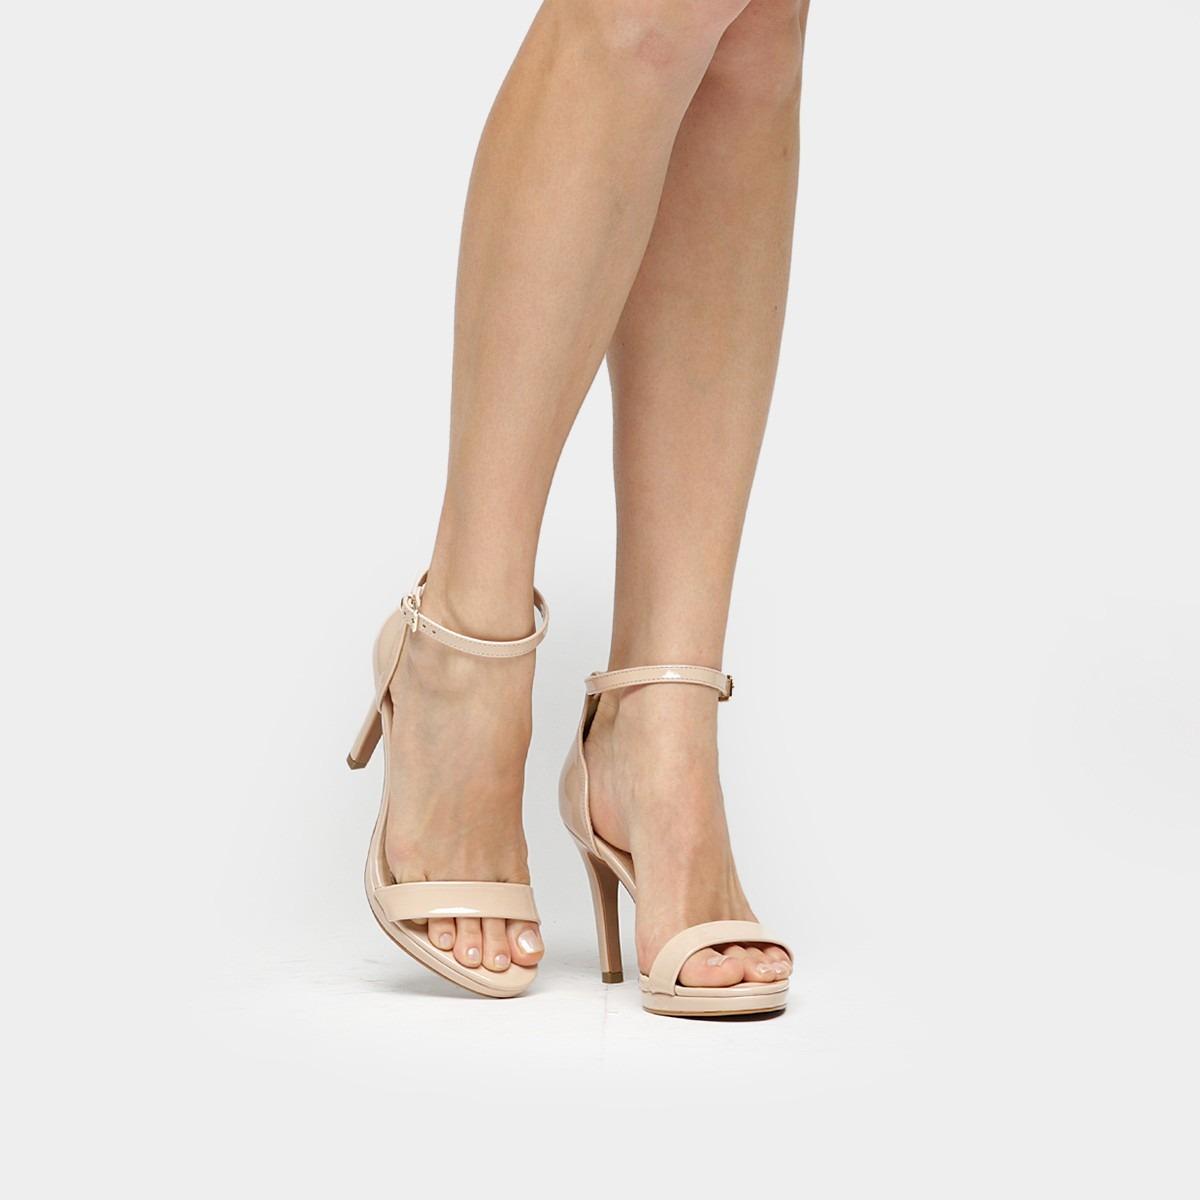 90a7ede9cc sandália salto fino feminina bebecê nude - frete grátis. Carregando zoom.